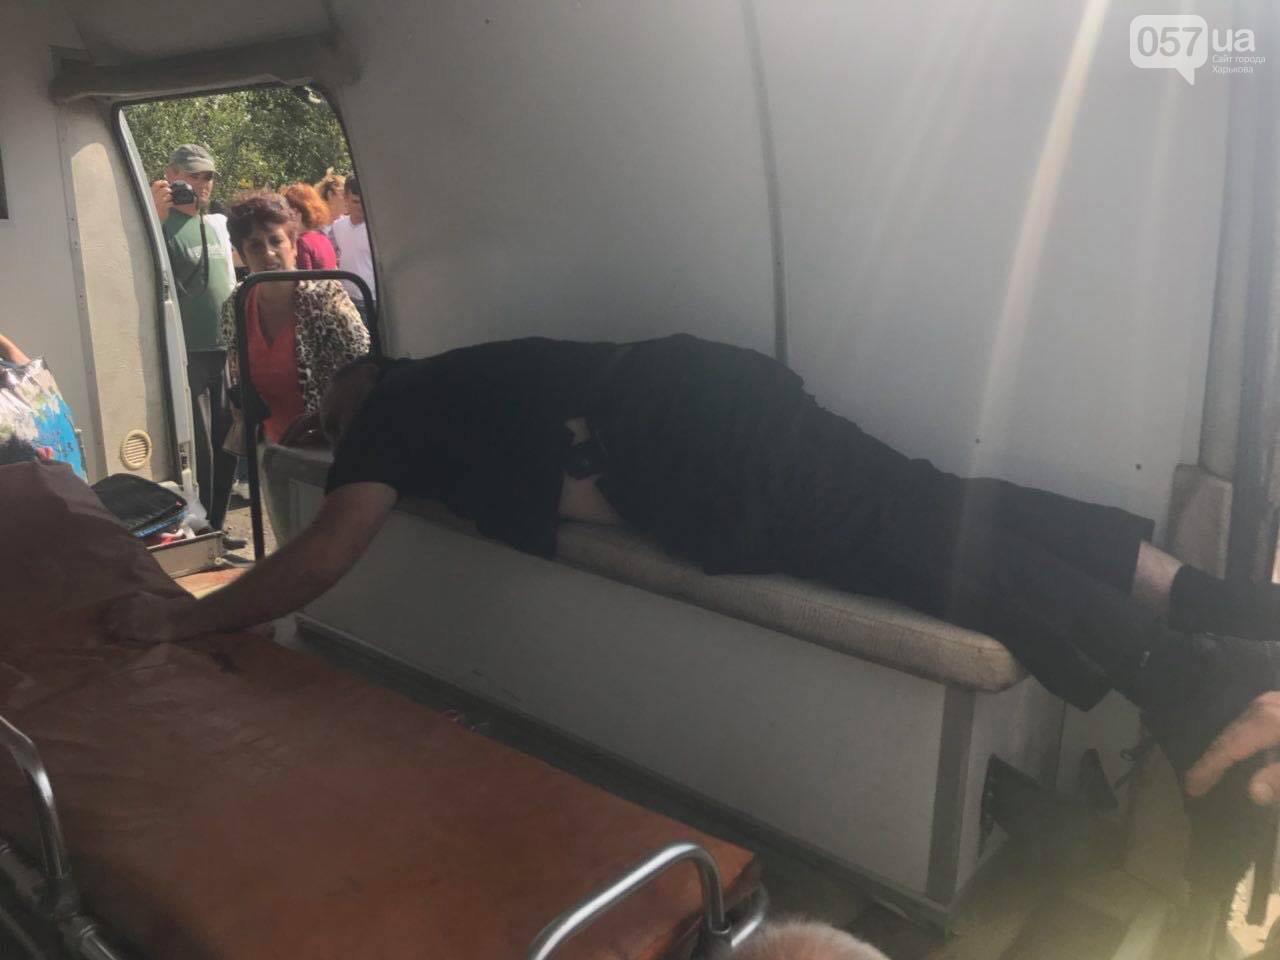 Отряд неизвестных стреляет по людям под Харьковом: подробности